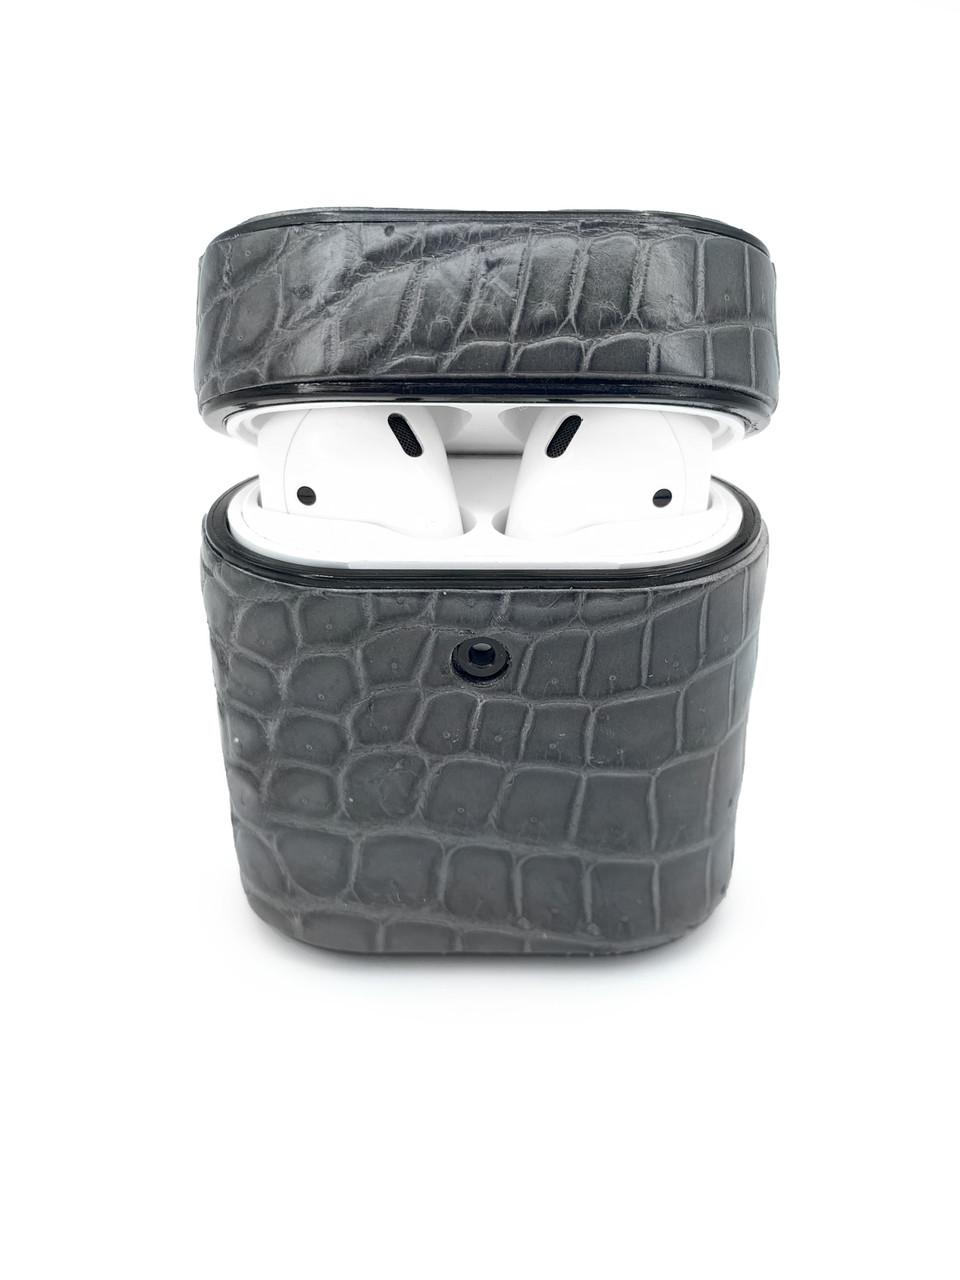 Чехол для AirPods 1/2 серого цвета из кожи Крокодила